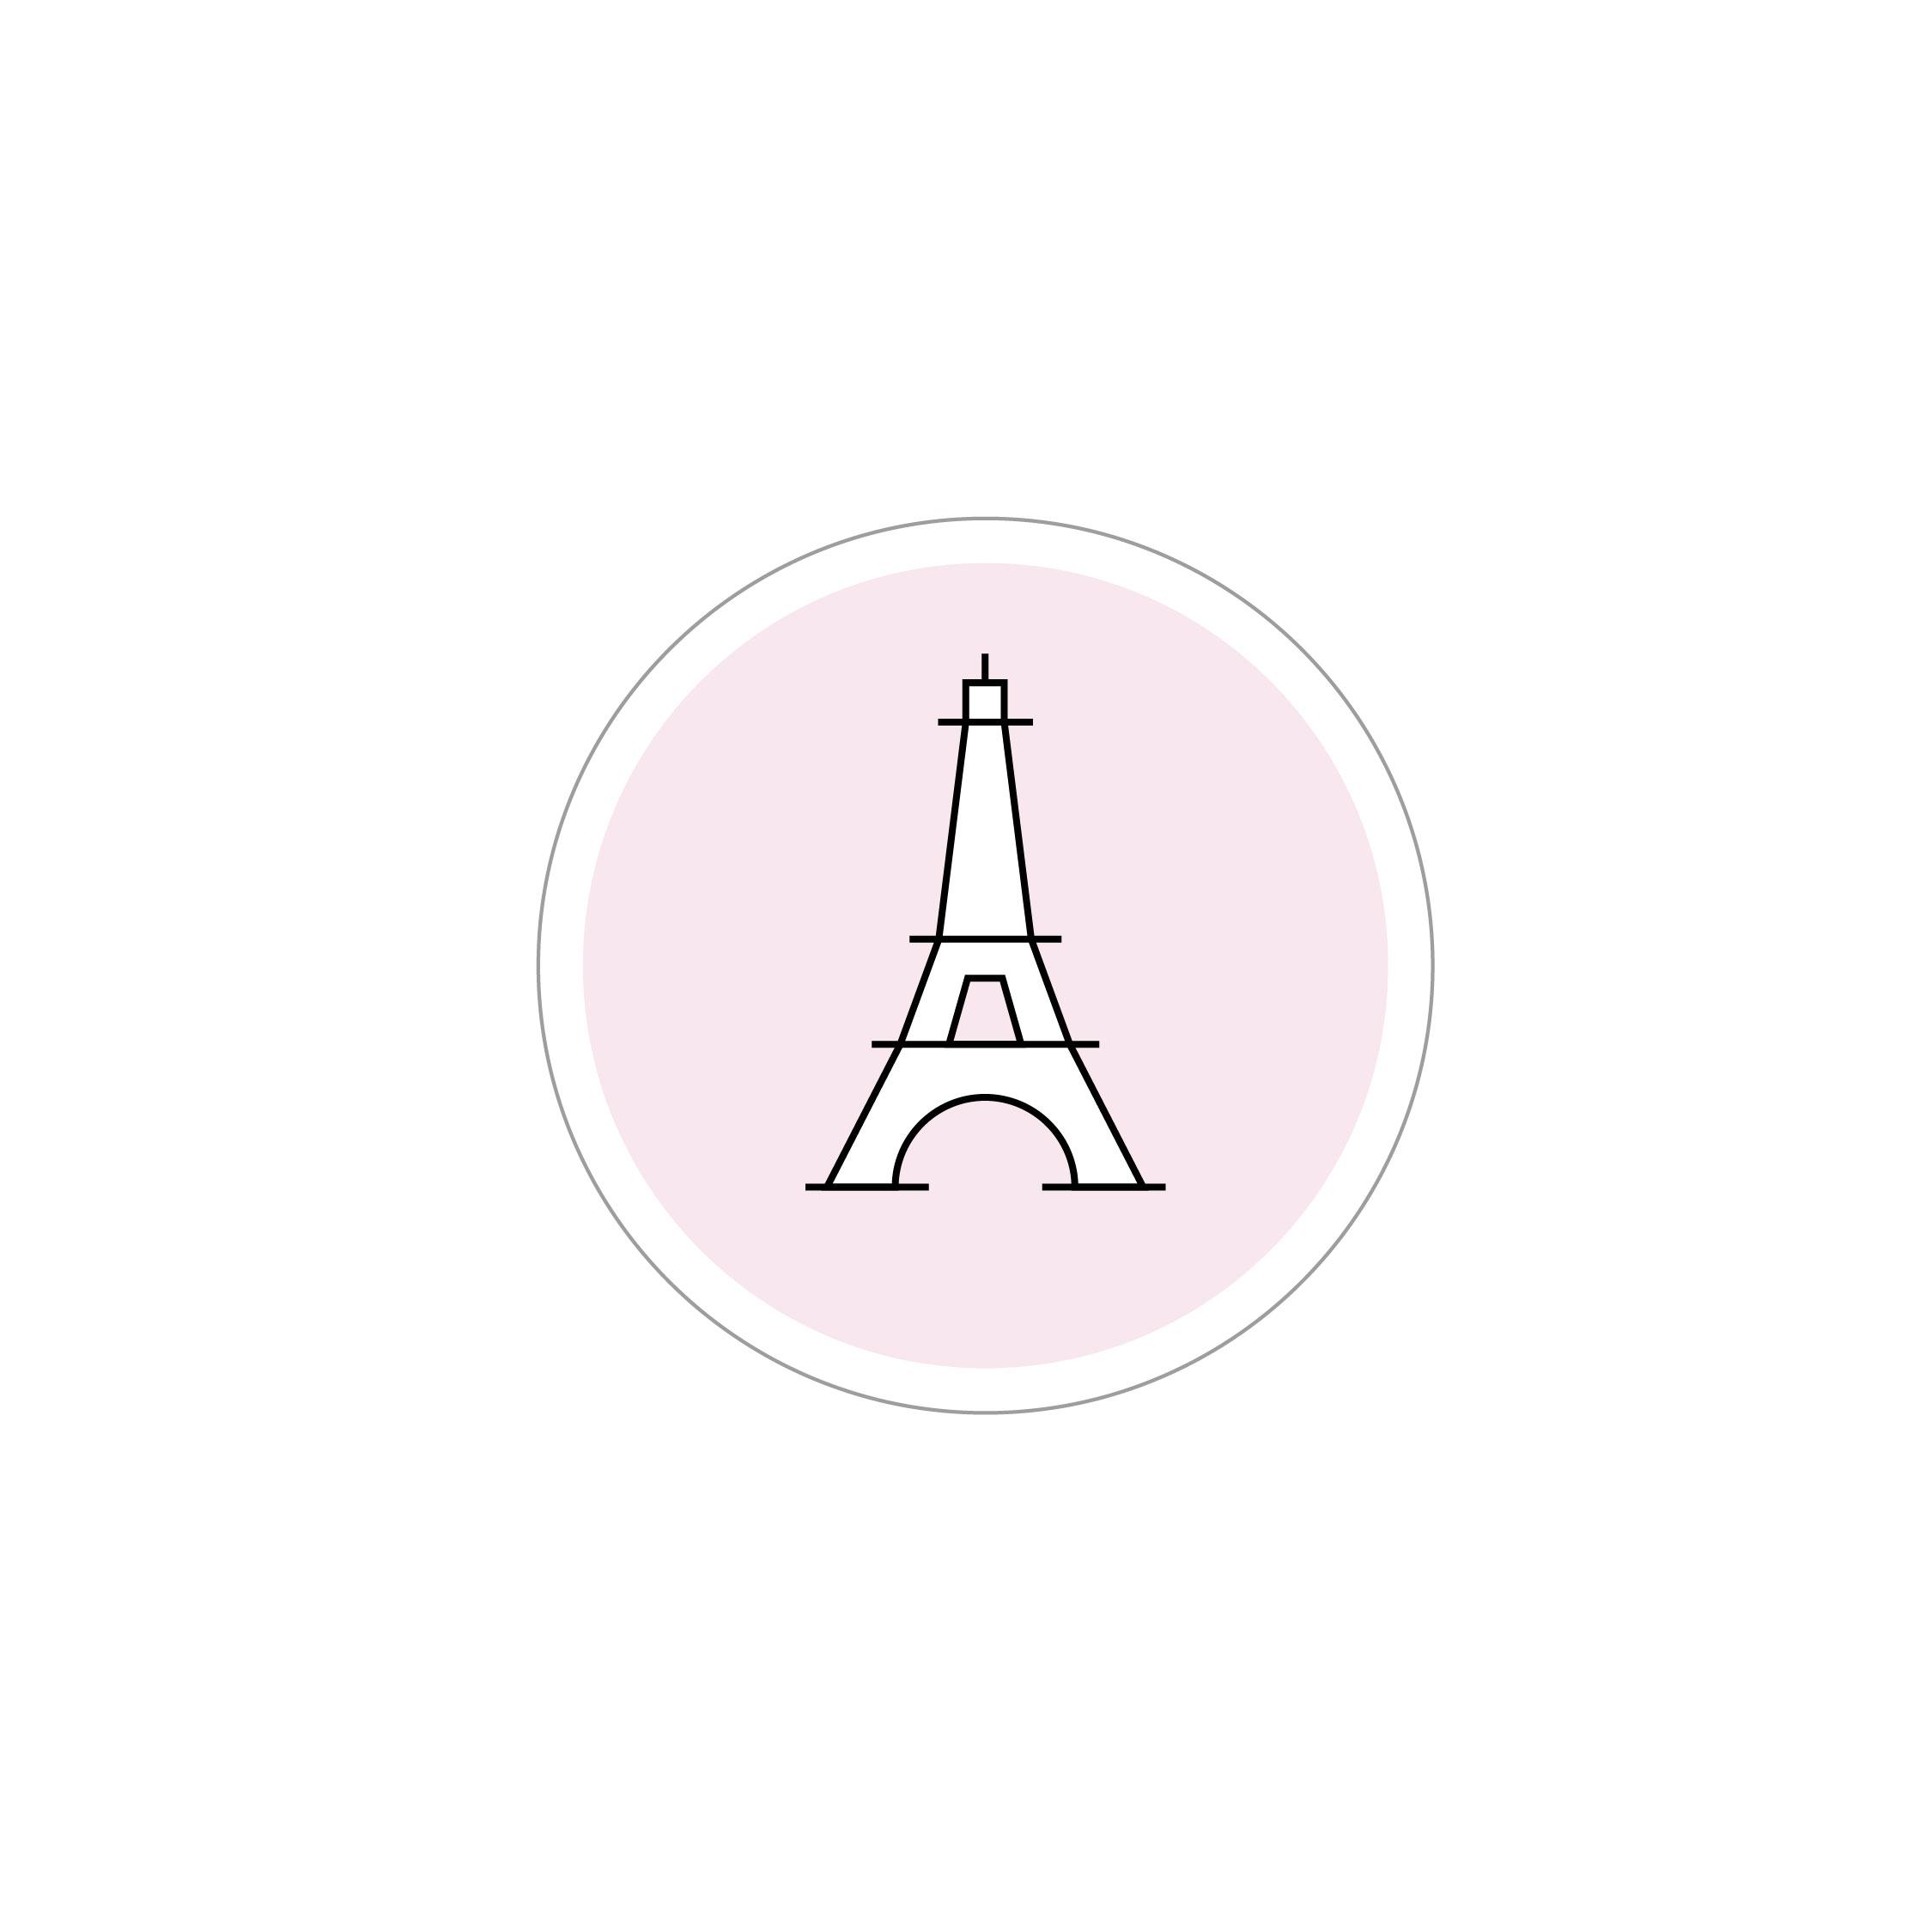 Pictogramme highlight 1703 FACTORY MAISON KOSE PARIS